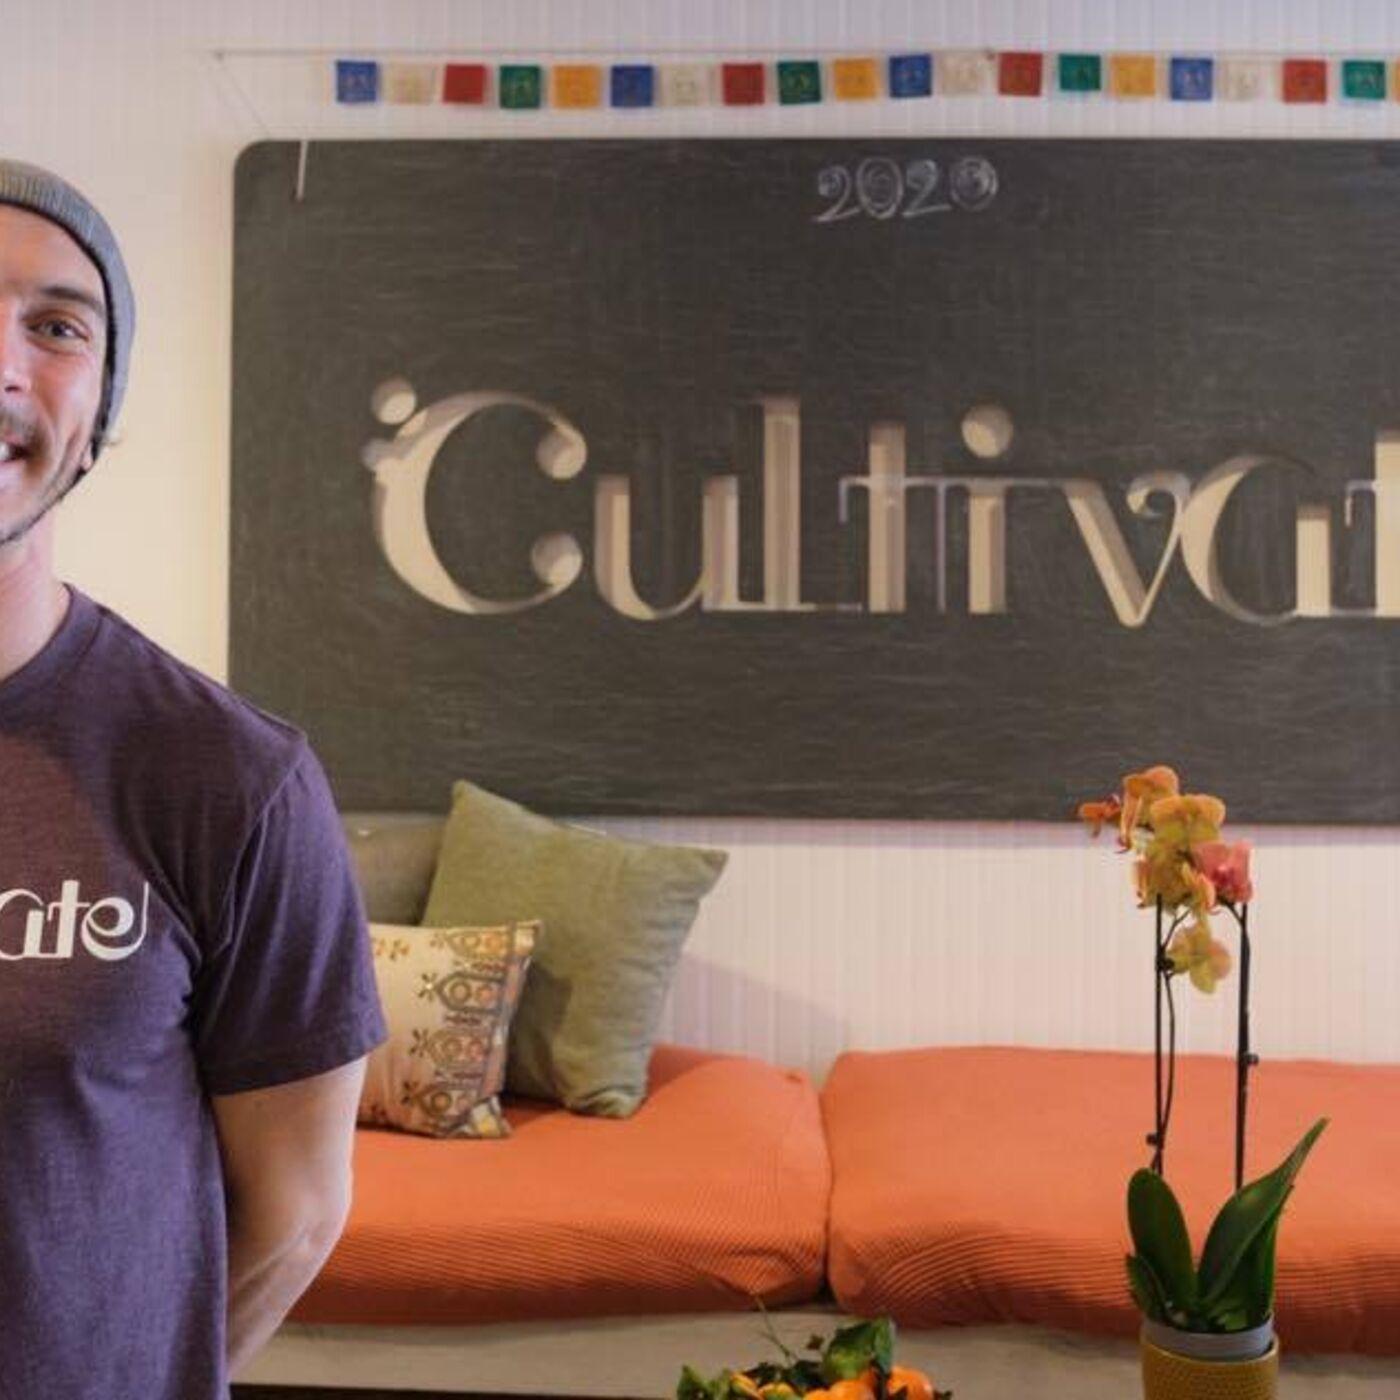 Evan Scharfeld: Cultivate yourself